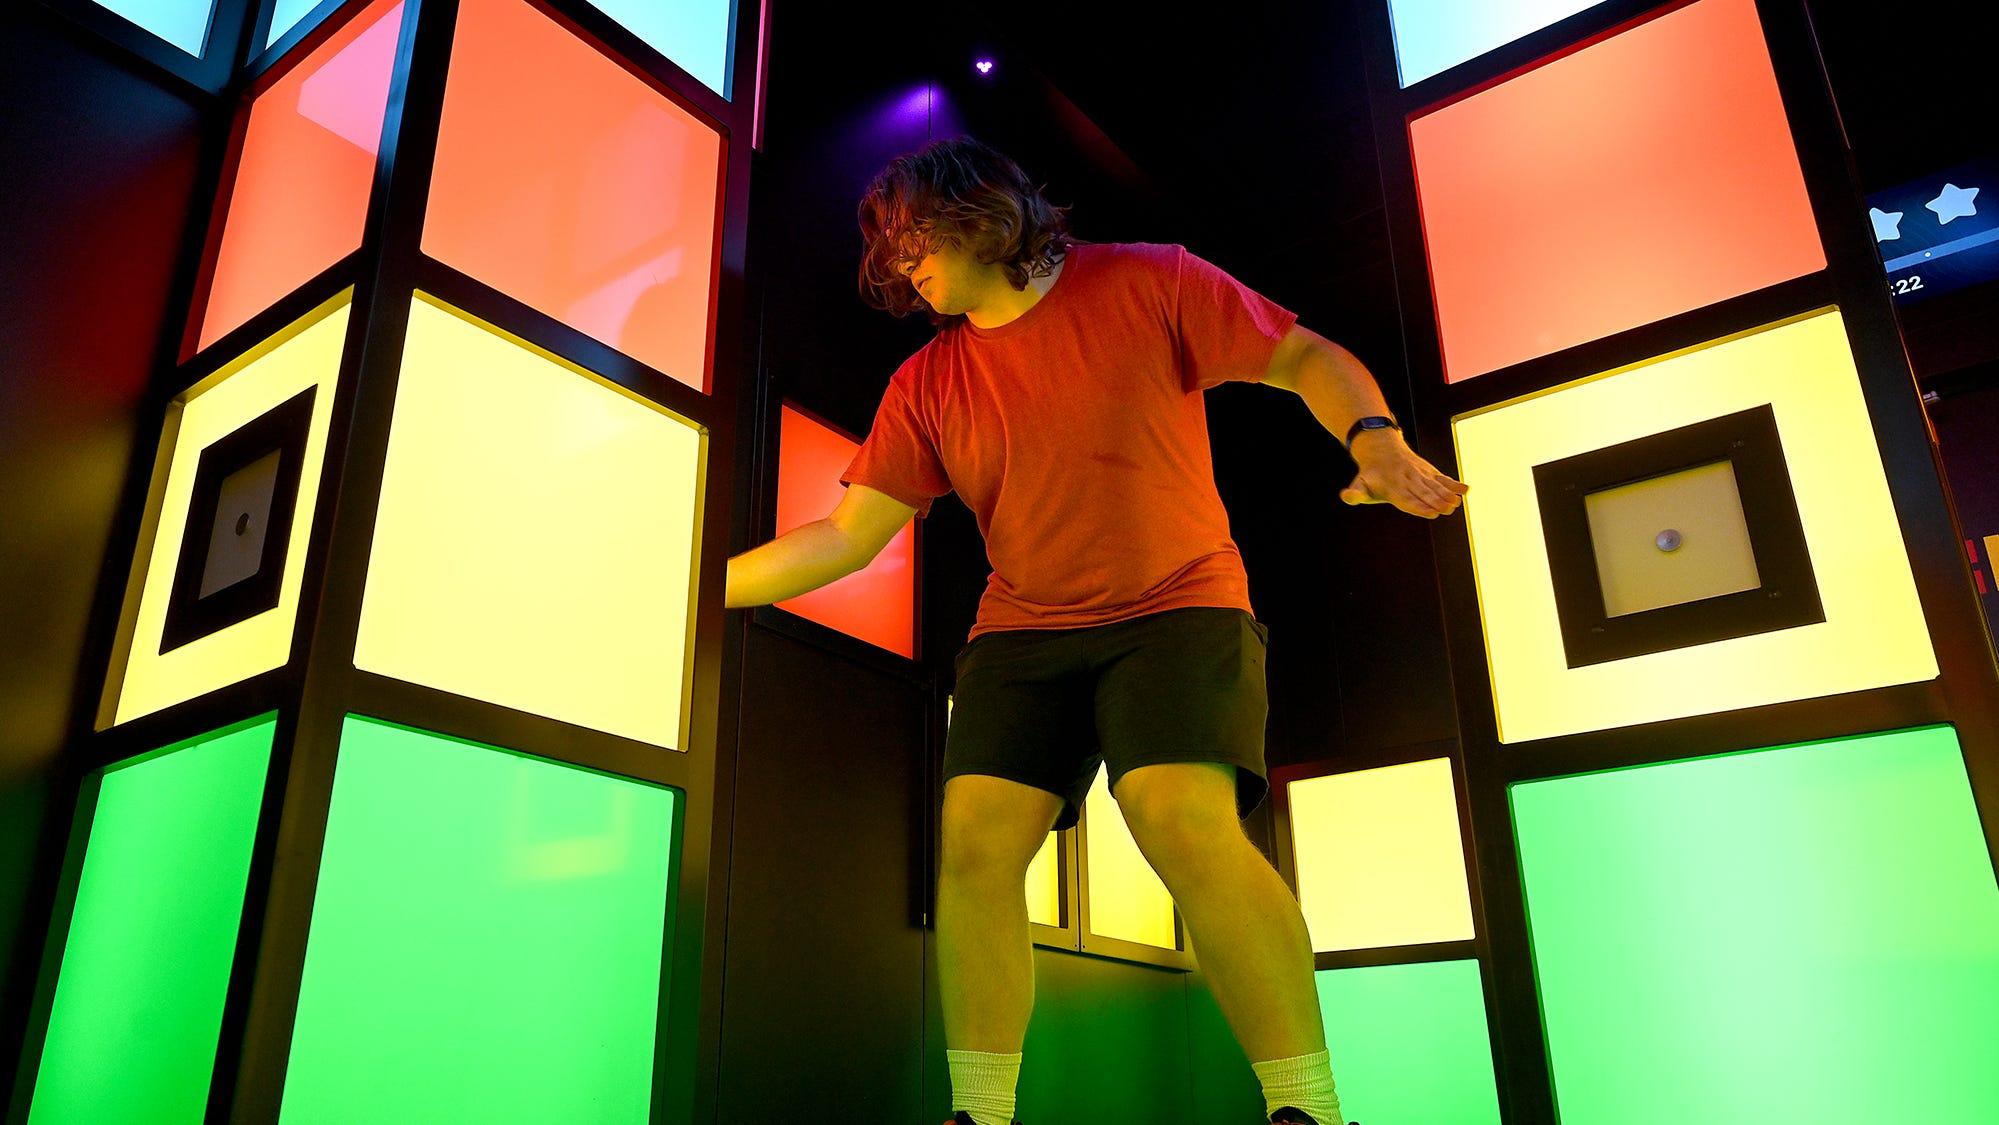 Ashland의 21 세인 Matt Orser는 2021 년 6 월 17 일 Natick Mall 내부의 새로운 성인 엔터테인먼트 단지 인 Level99에서 Simon Says의 선구적인 활동 인 Playback을 실행하려고합니다.